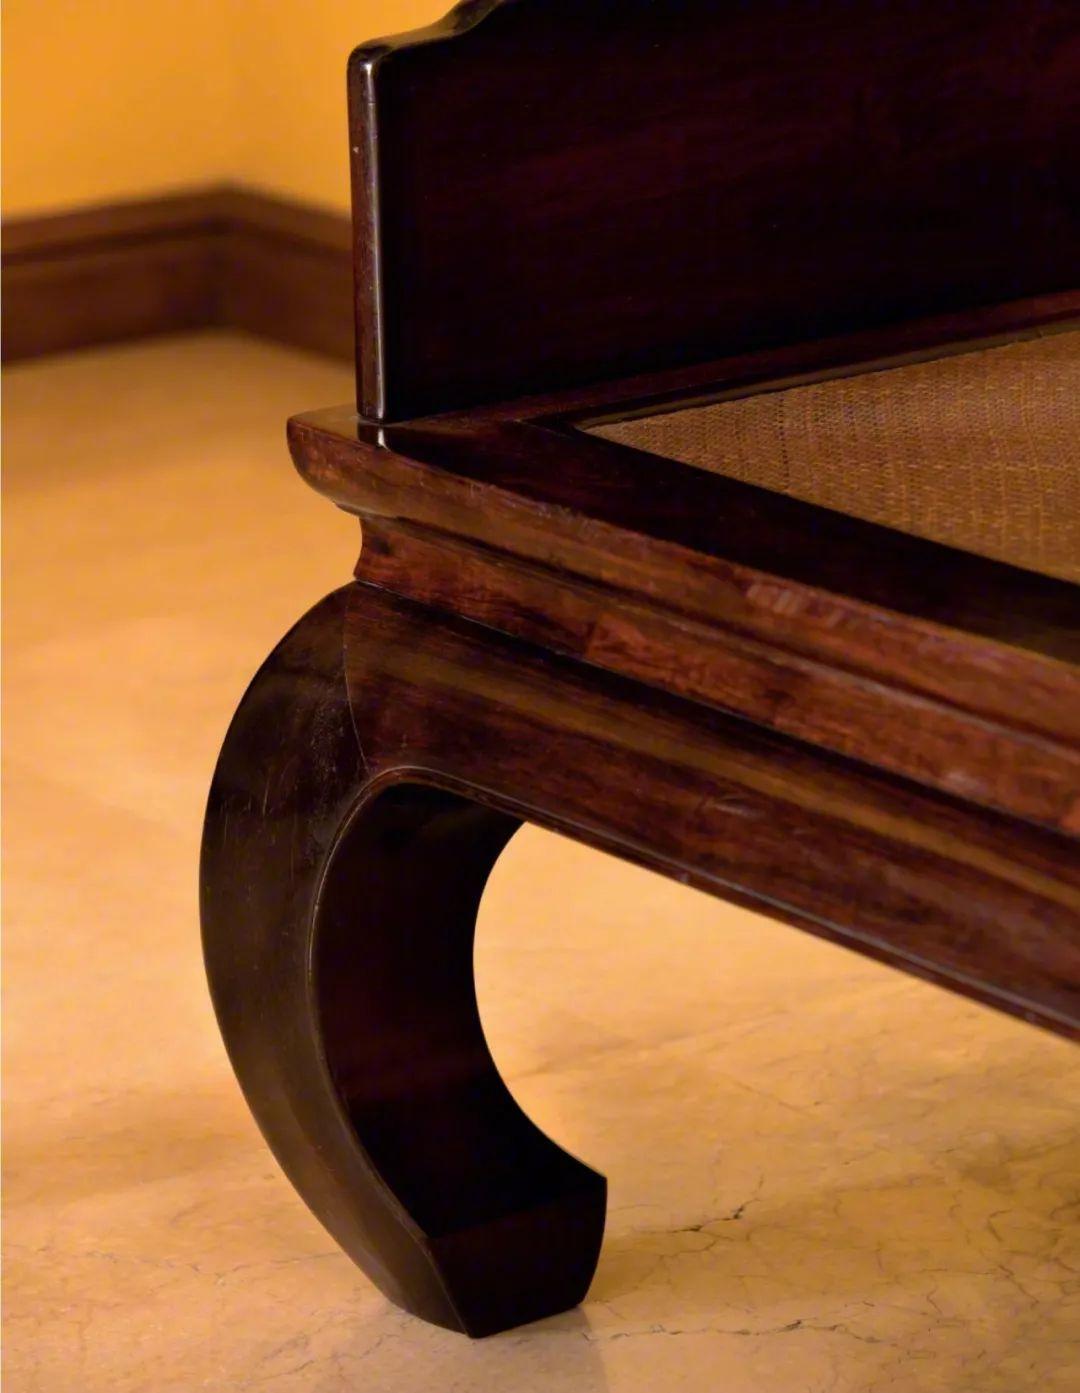 圈椅的腿为什么是斜的?